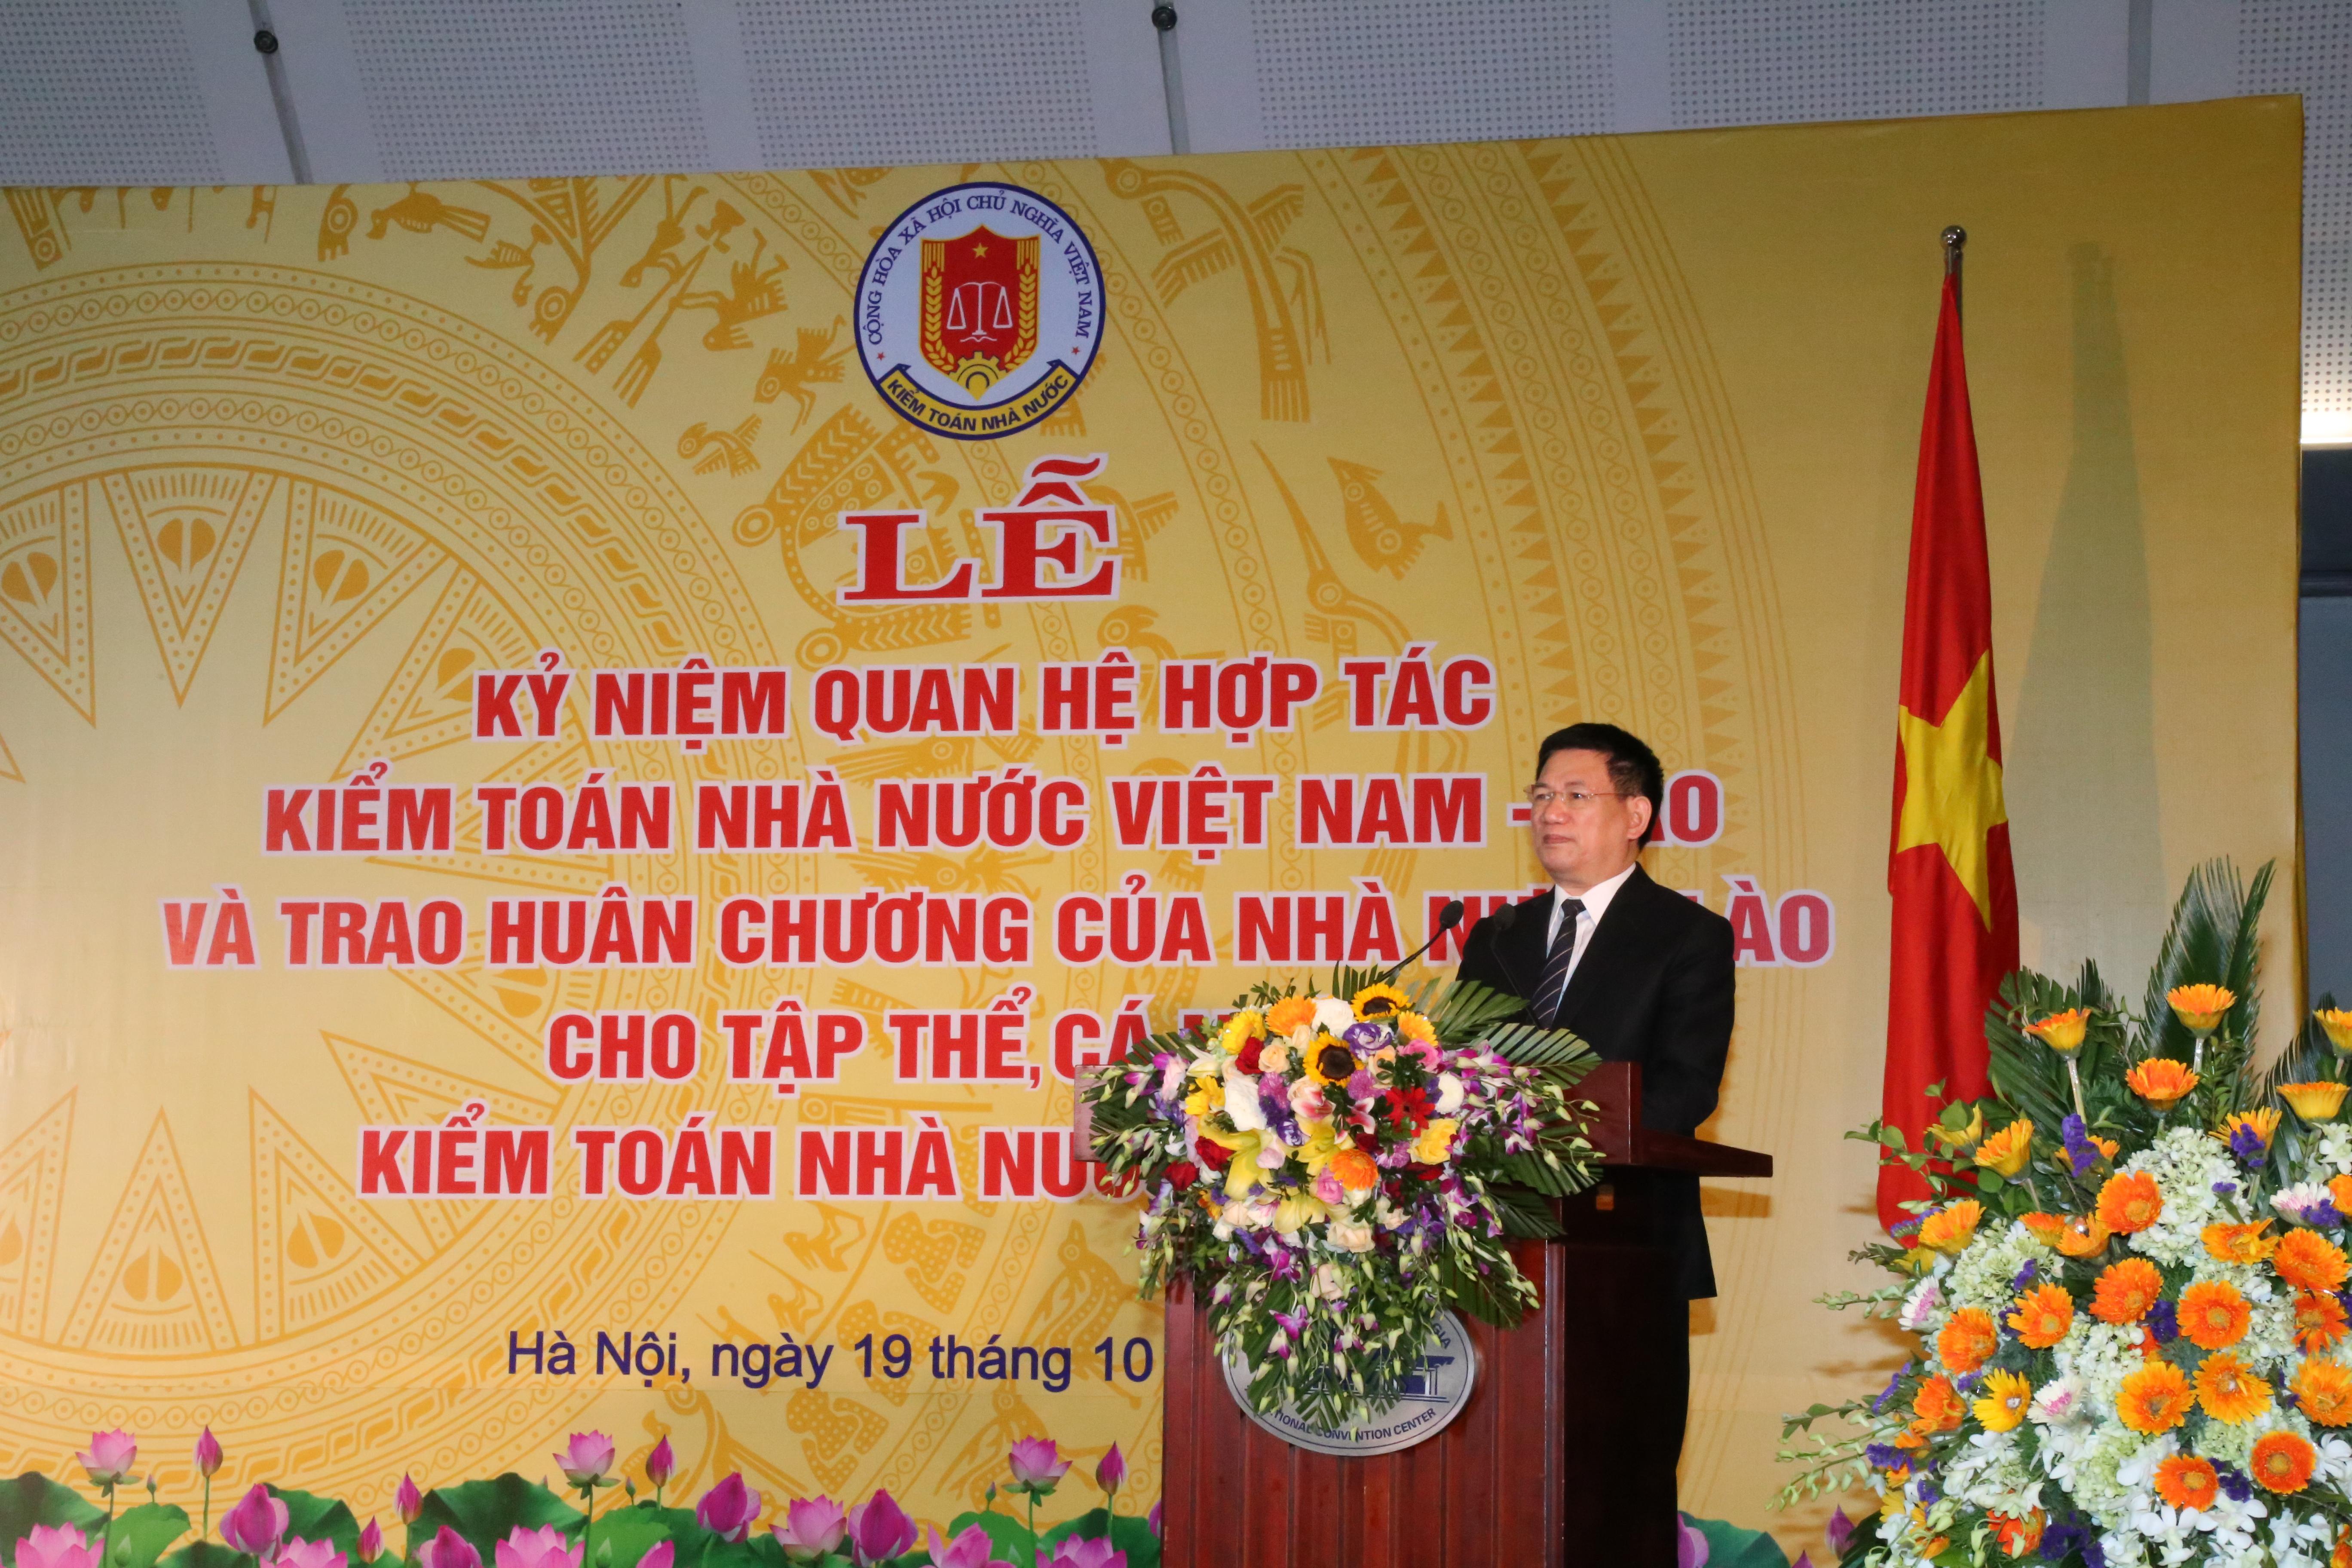 KTNN Việt Nam và KTNN CHDCND Lào kỷ niệm 55 năm Ngày thiết lập quan hệ ngoại giao, 40 năm Ngày ký Hiệp ước hữu nghị và hợp tác Việt Nam - Lào